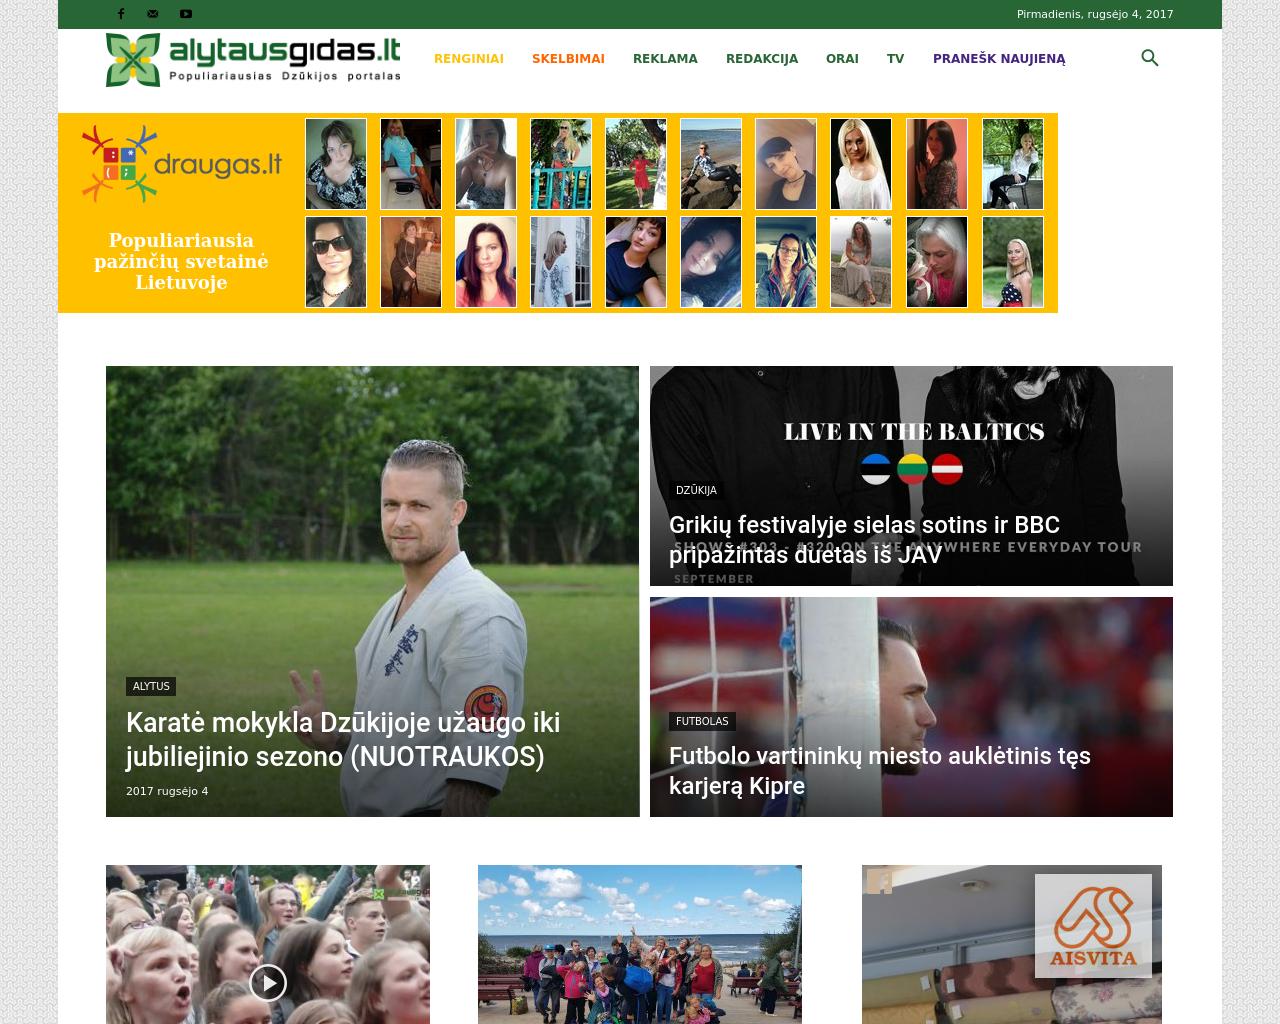 Alytaus-Gidas-Advertising-Reviews-Pricing